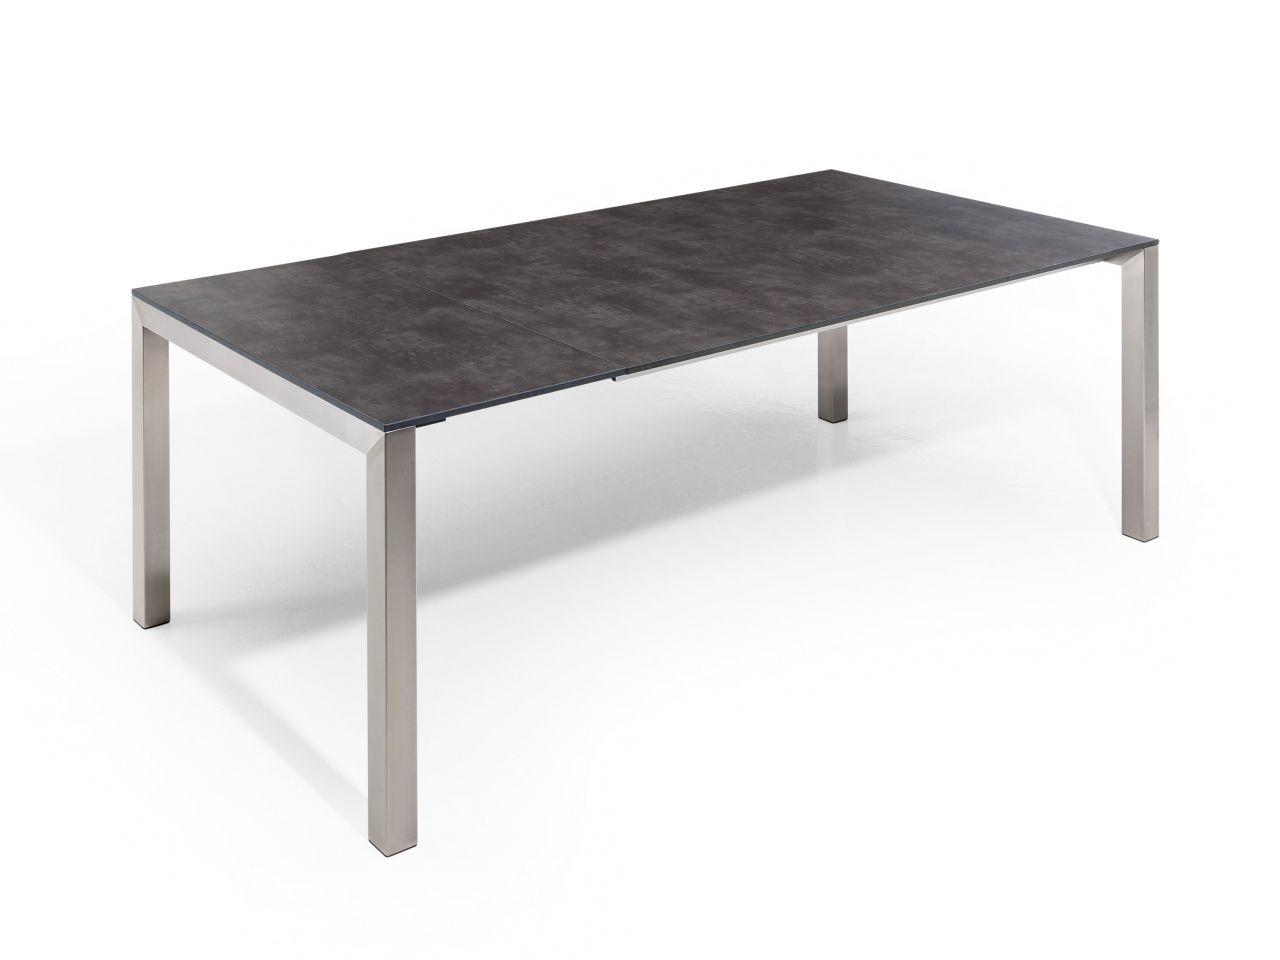 Tisch einmal ausgezogen 210x100cm